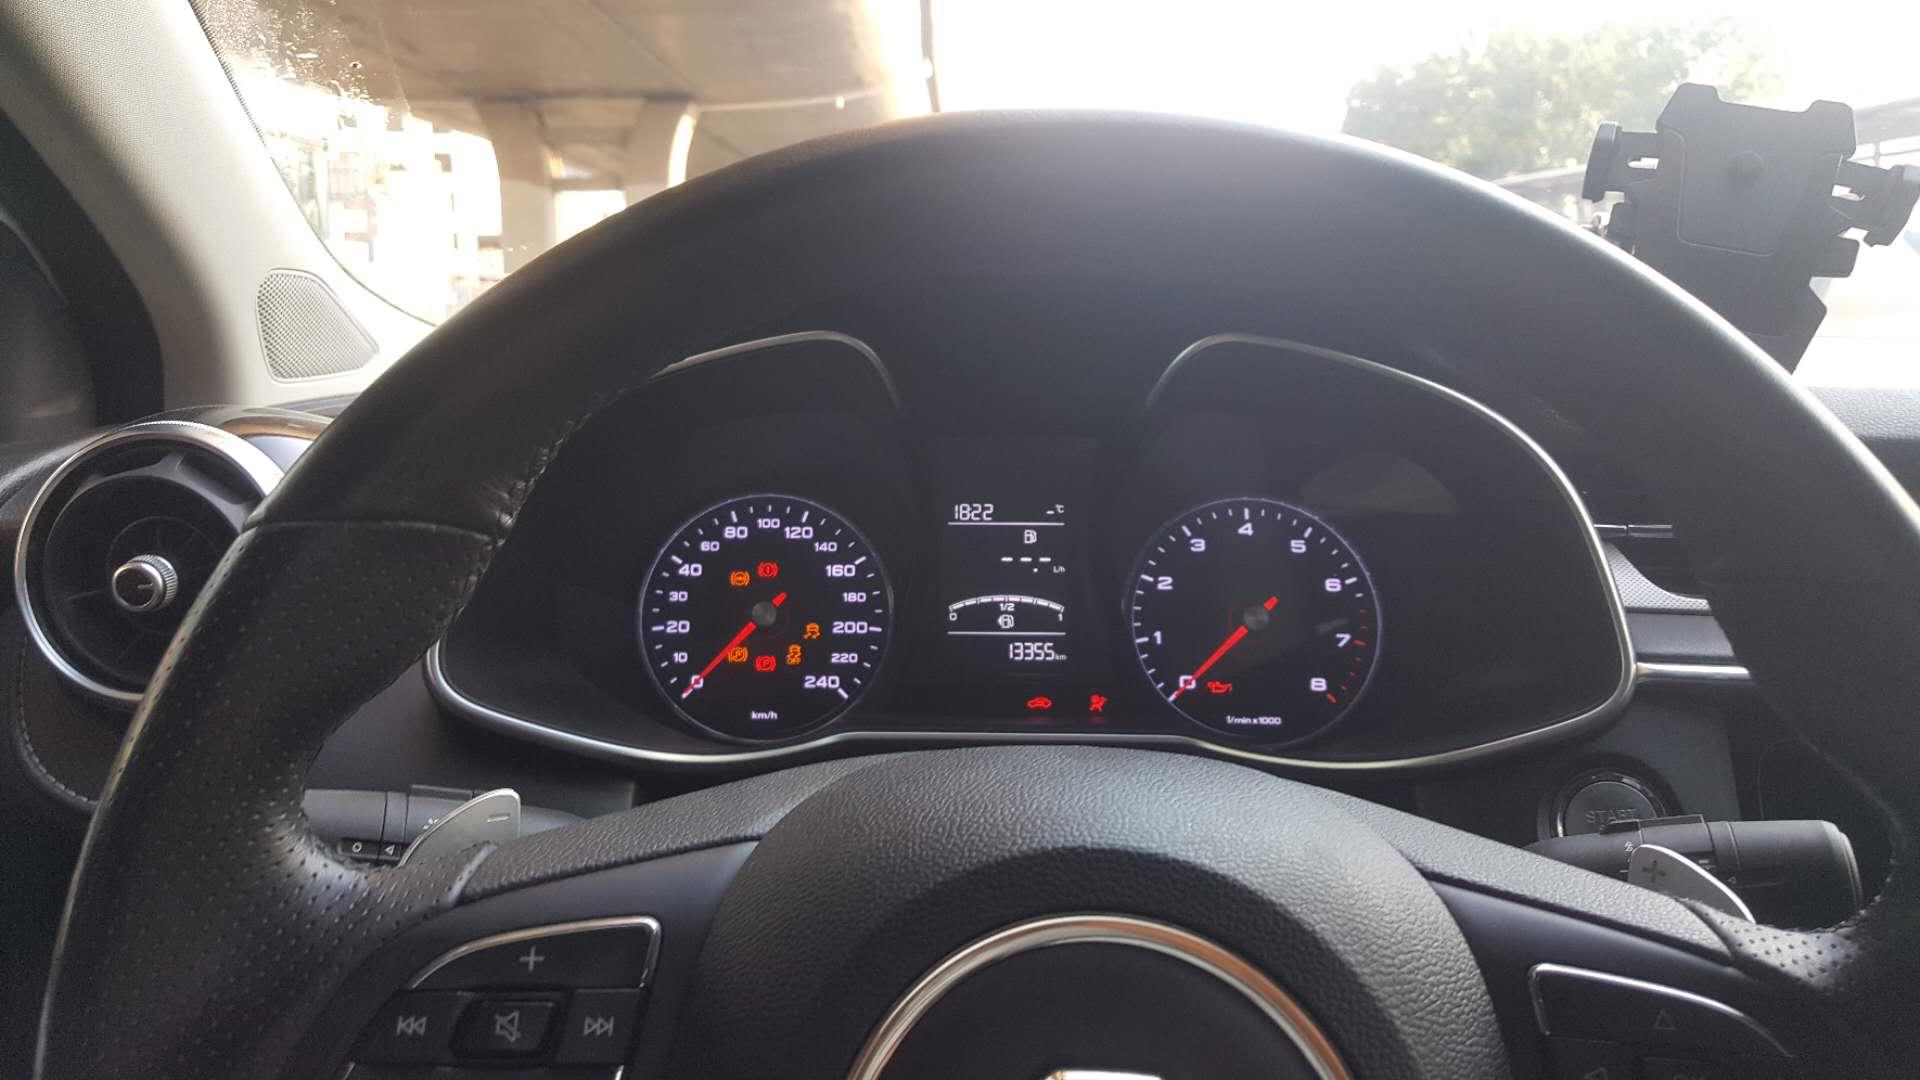 上海汽车-名爵6 1月份购买的名爵6汽车  存在重大安全隐患